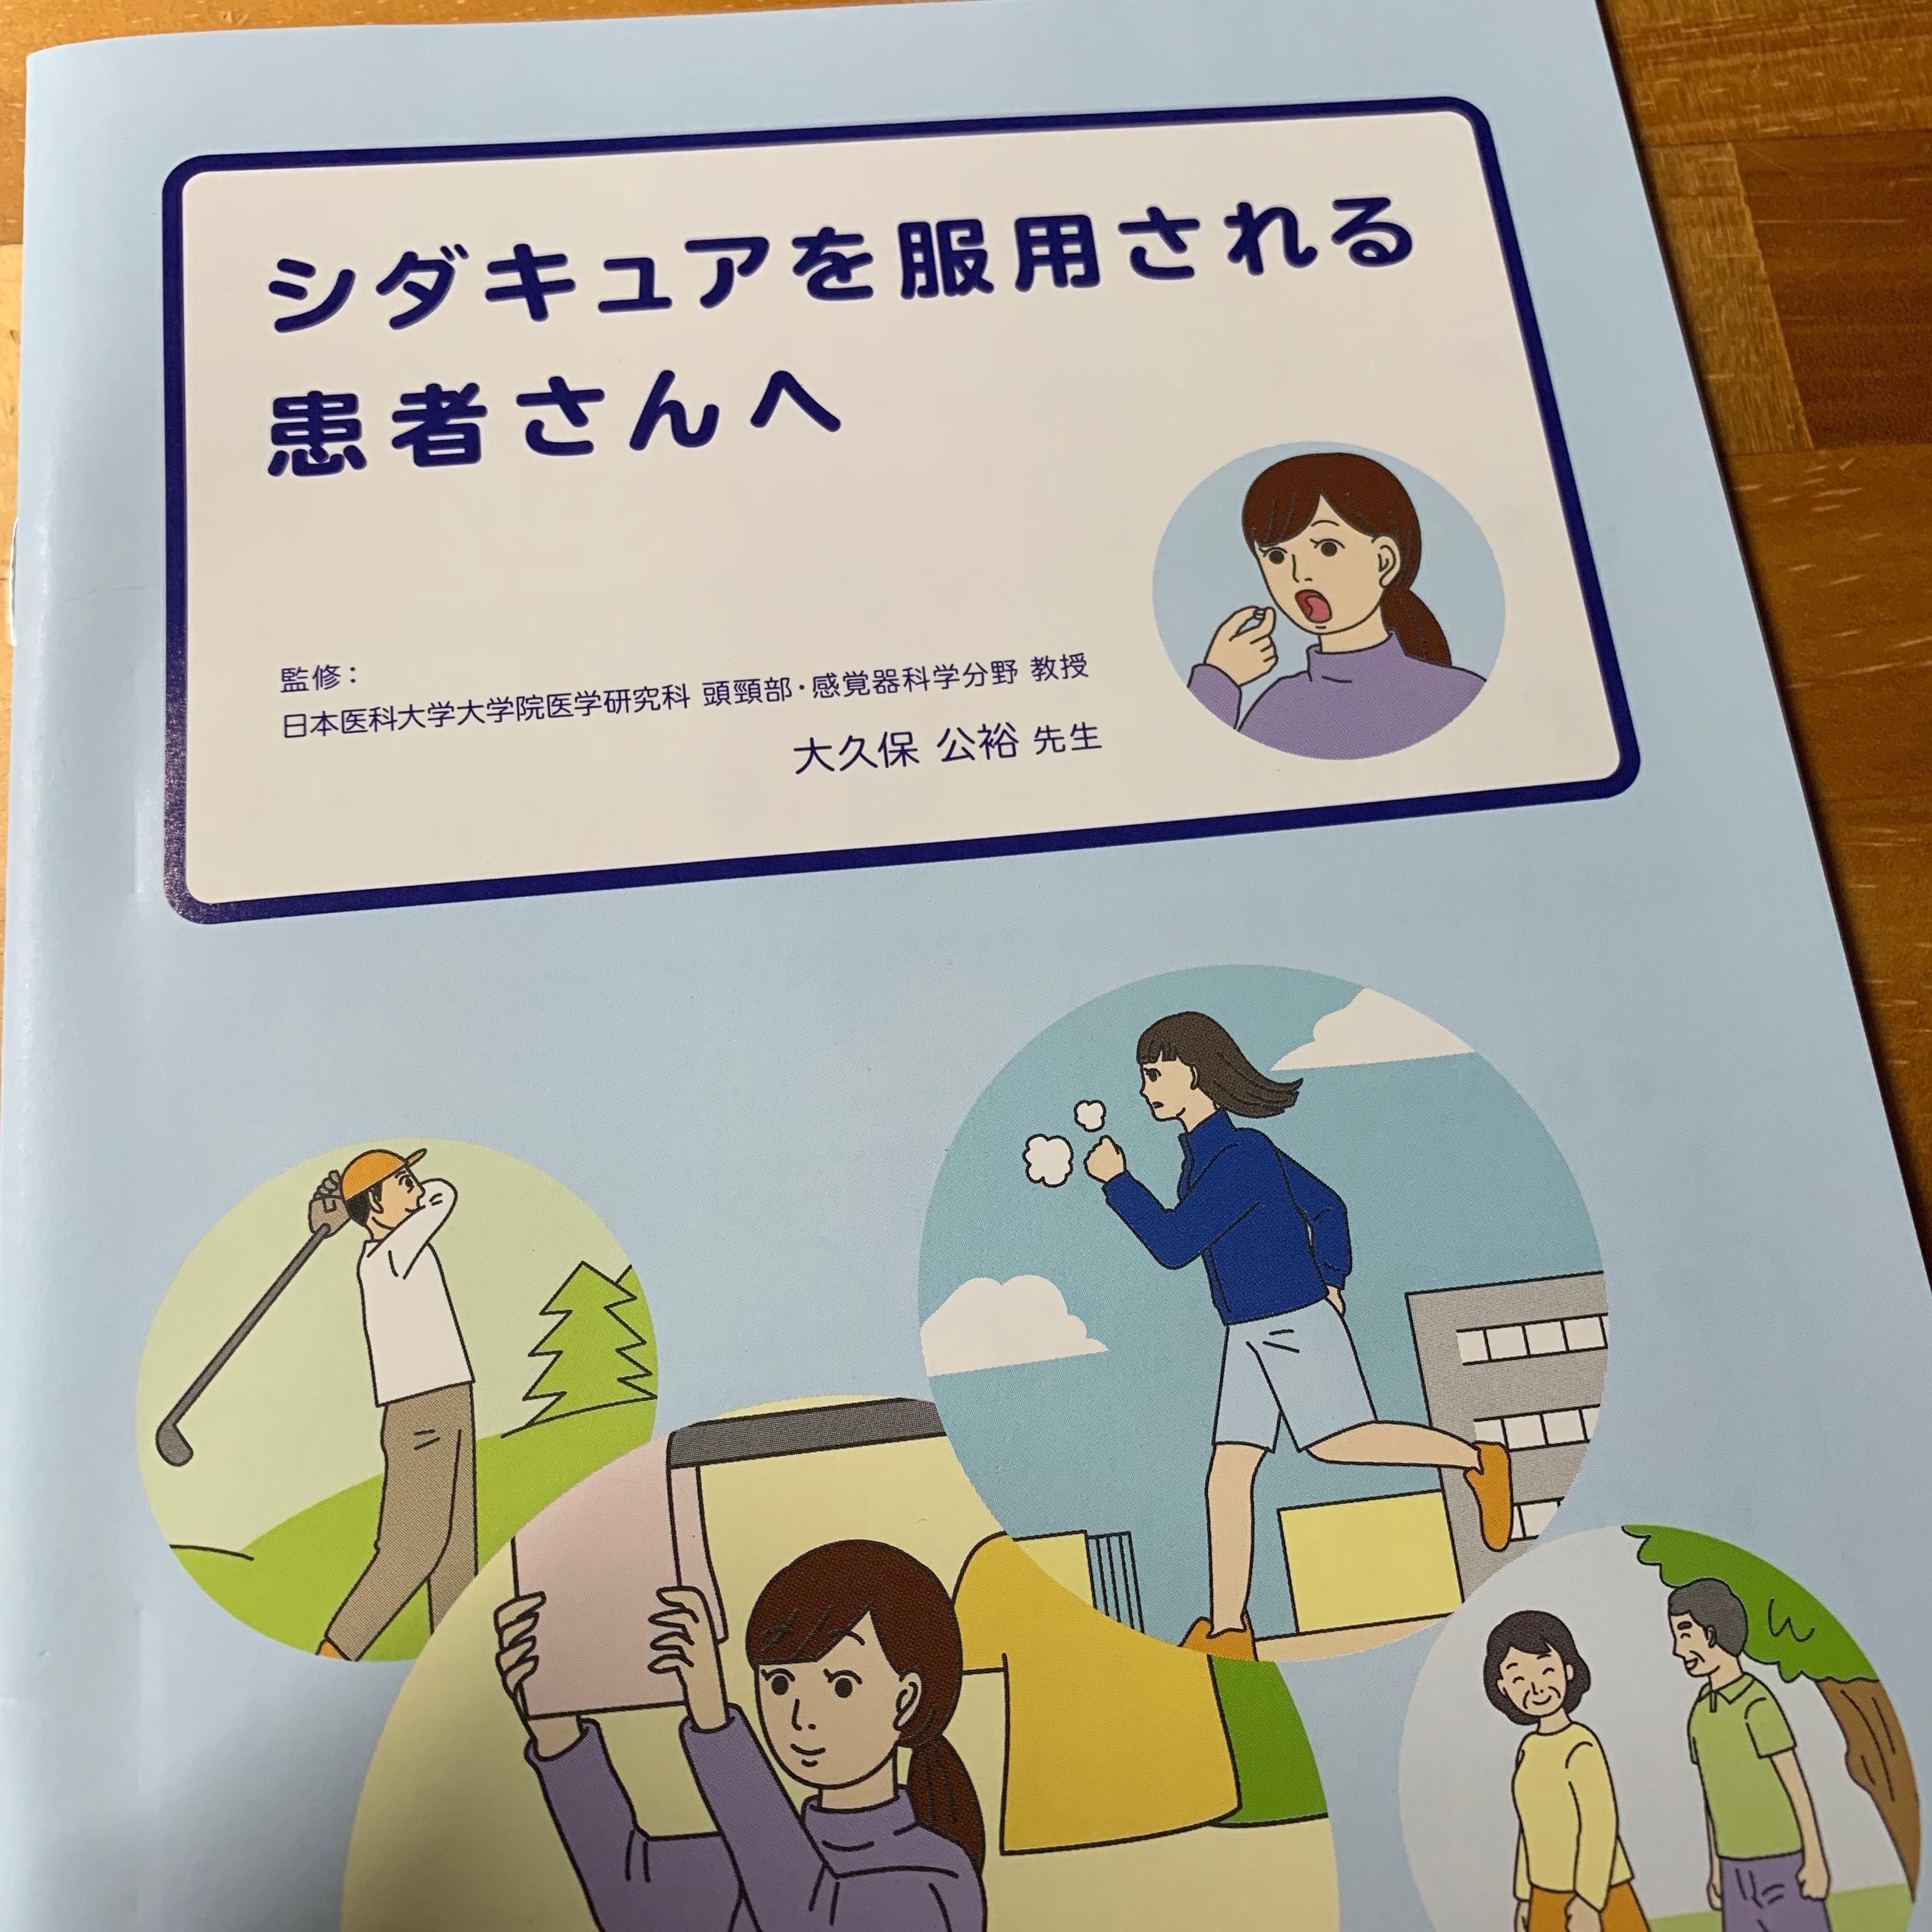 シダキュアの冊子